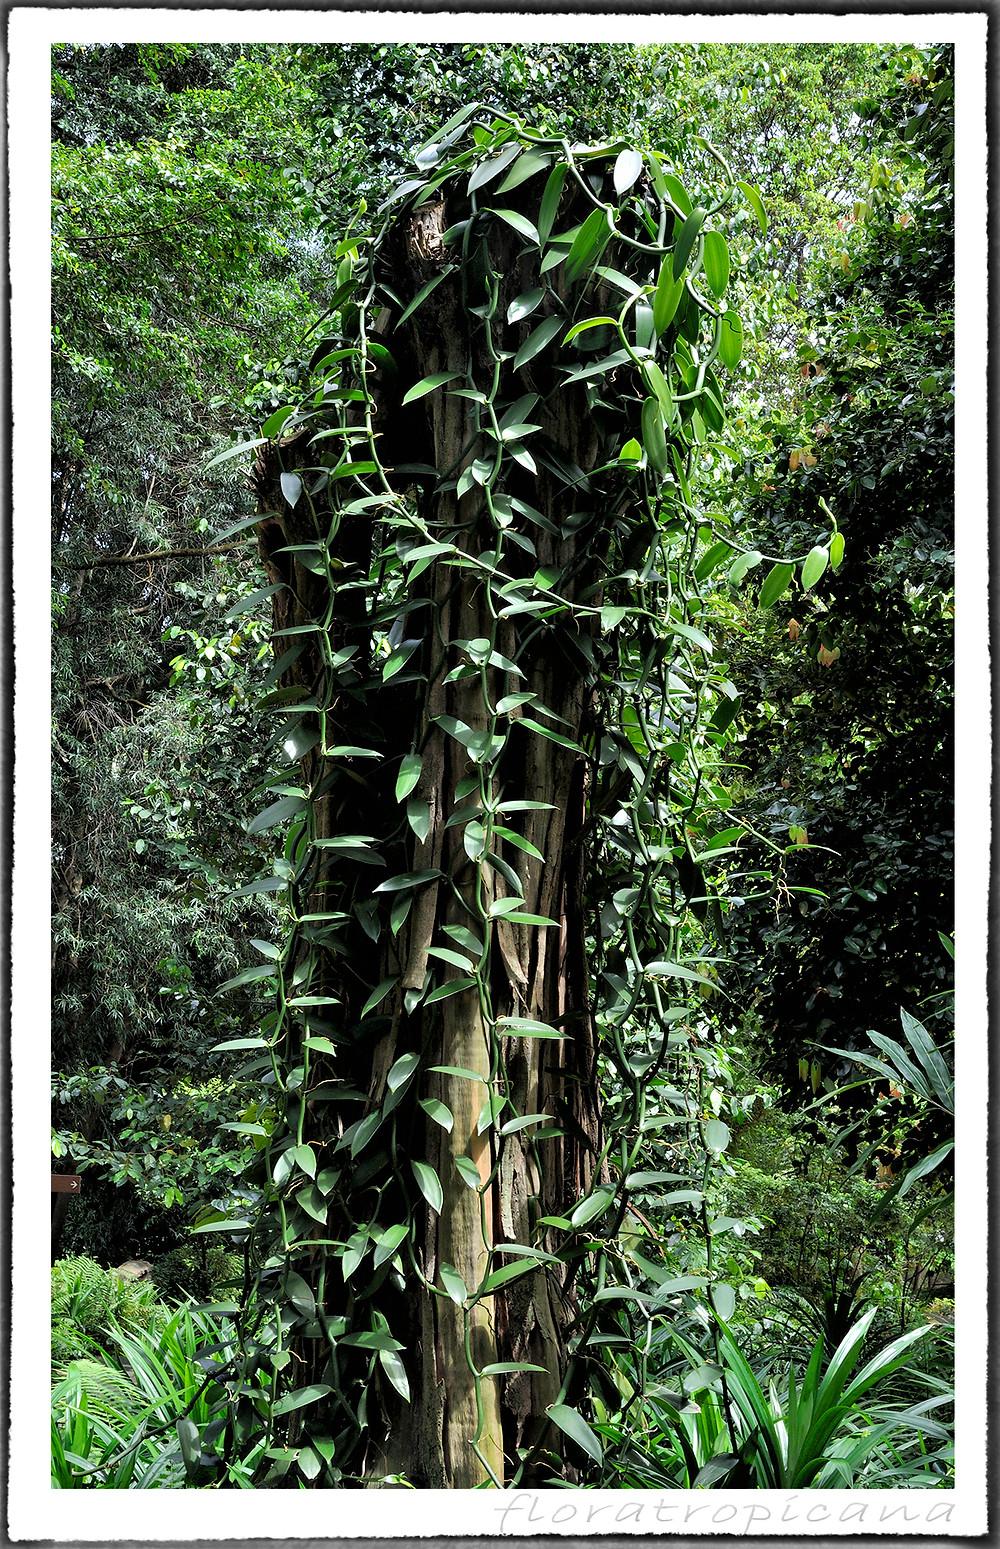 Vanilla planifolia czyli wanilia płaskolistna.